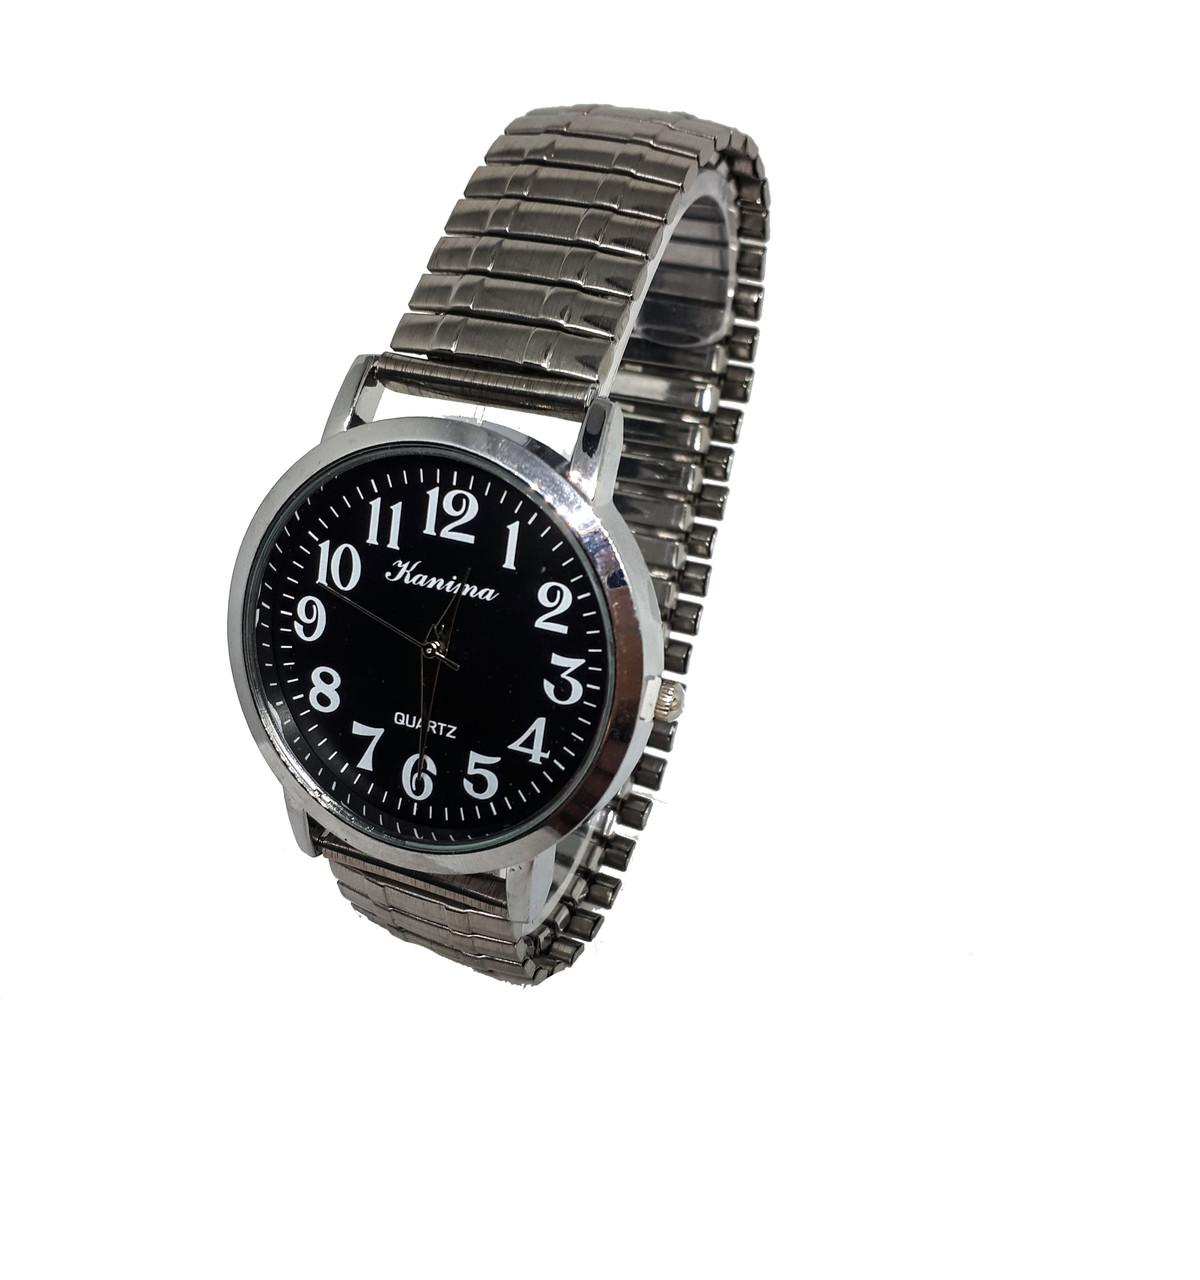 Часы мужские кварцевые Kanima на  браслете  резинка  40мм Черный